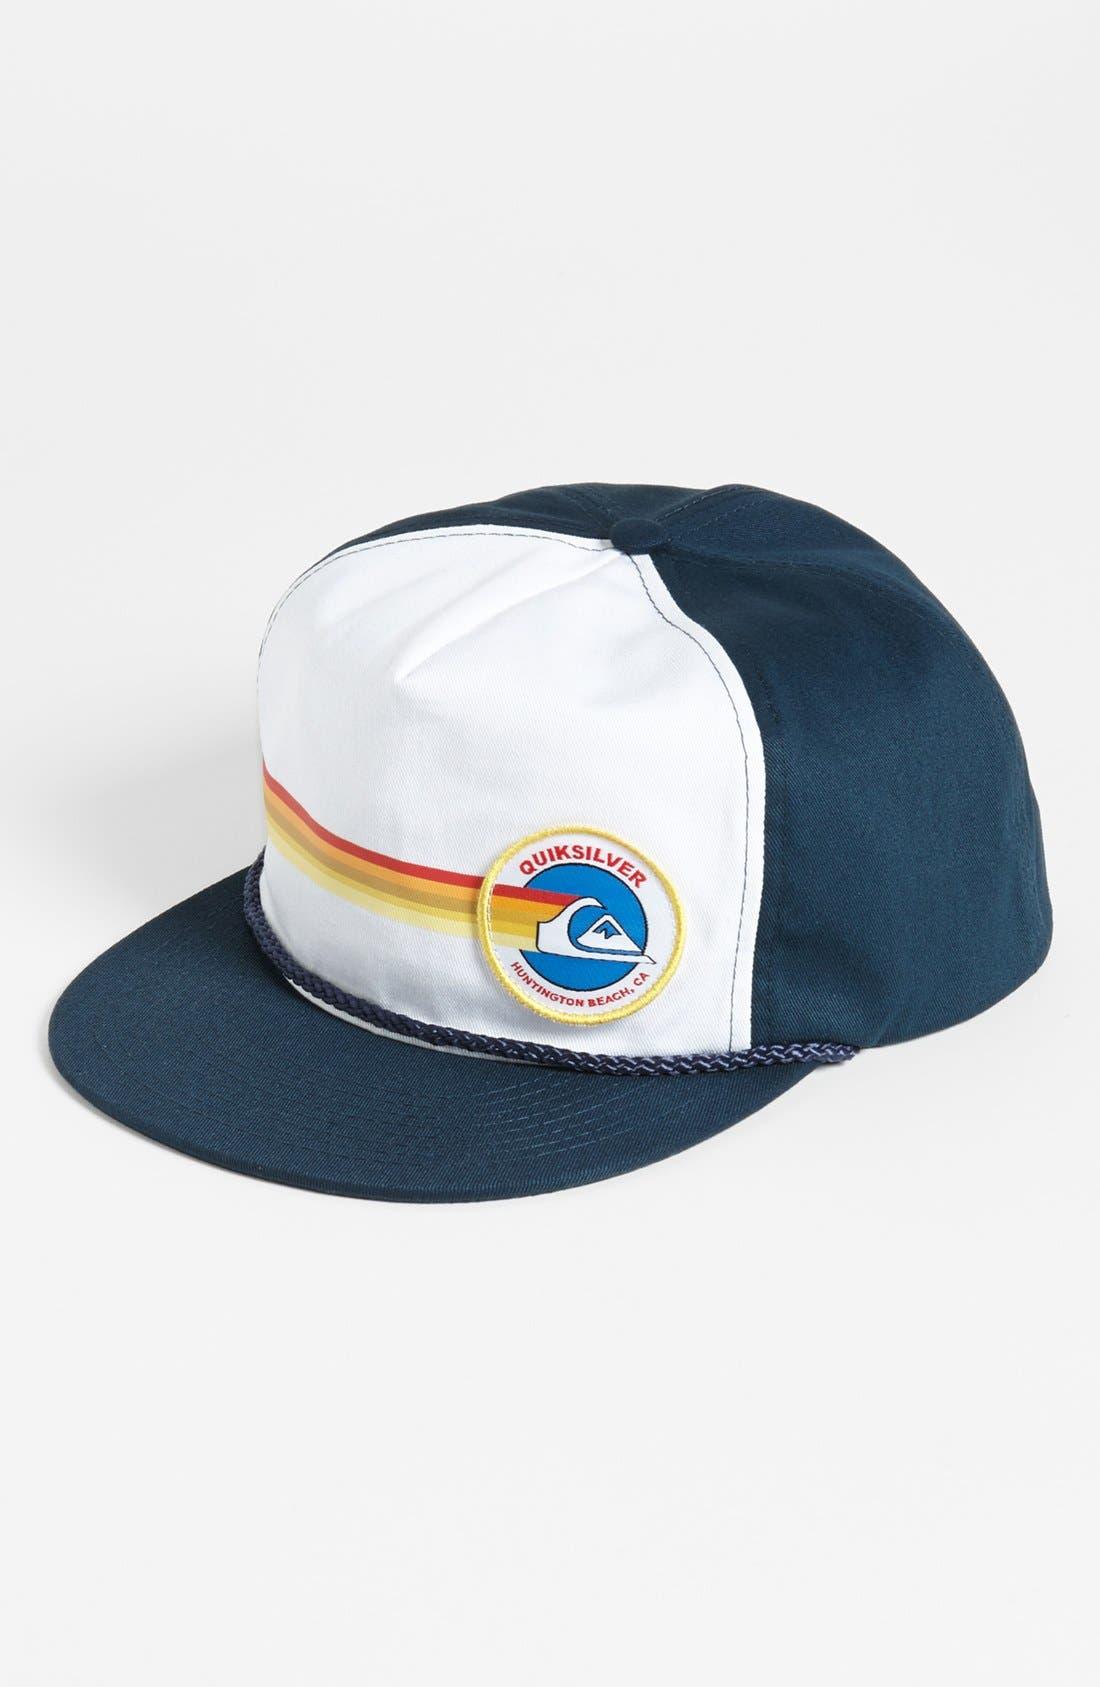 Main Image - Quiksilver 'Reef Rash' Baseball Cap